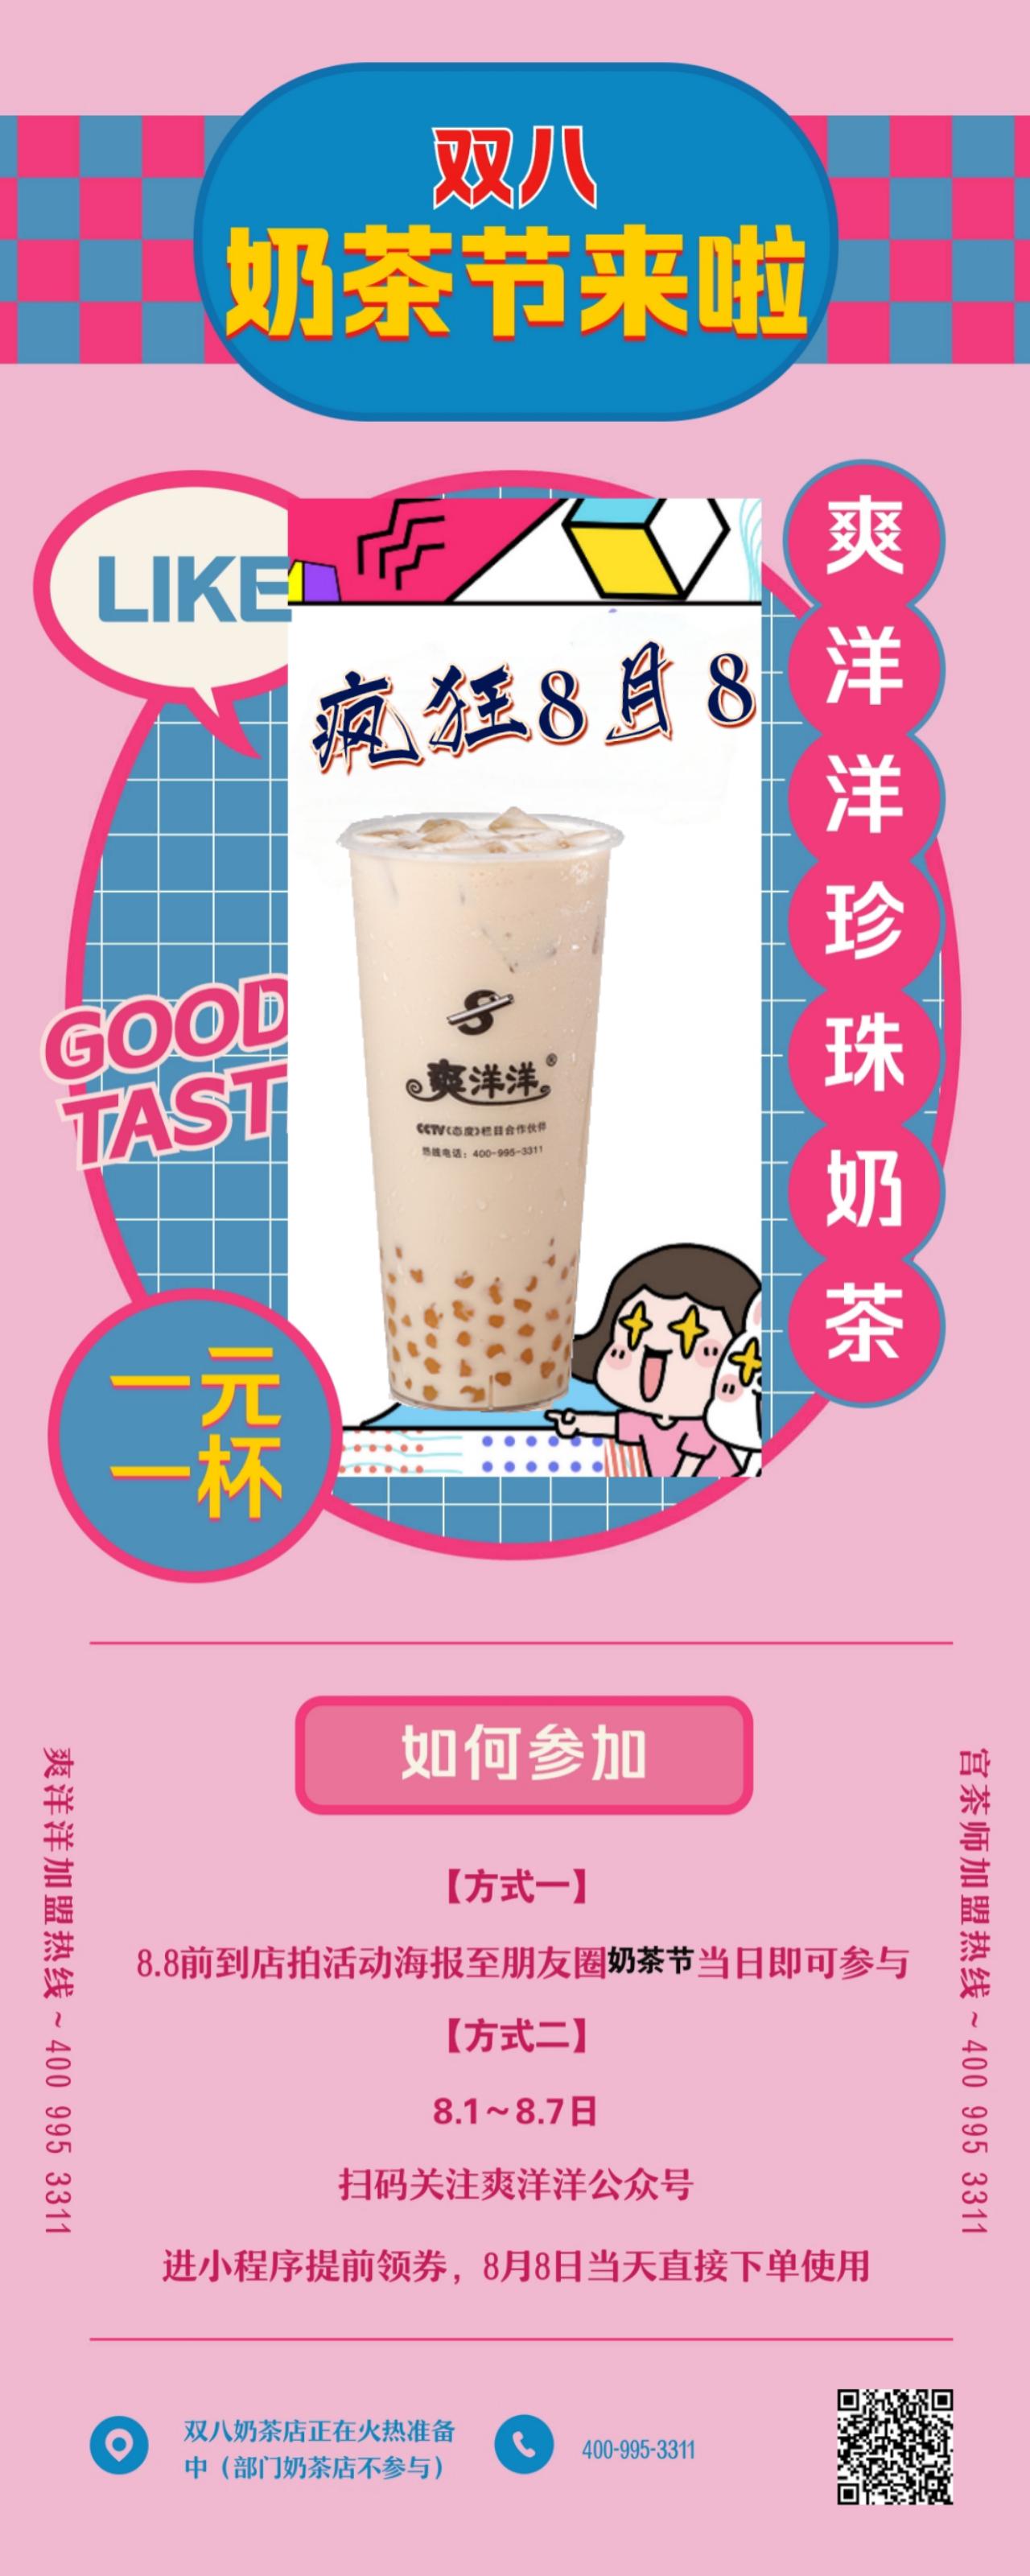 奶茶节1元1杯奶茶!你知道每年的奶茶节是几月几号吗?